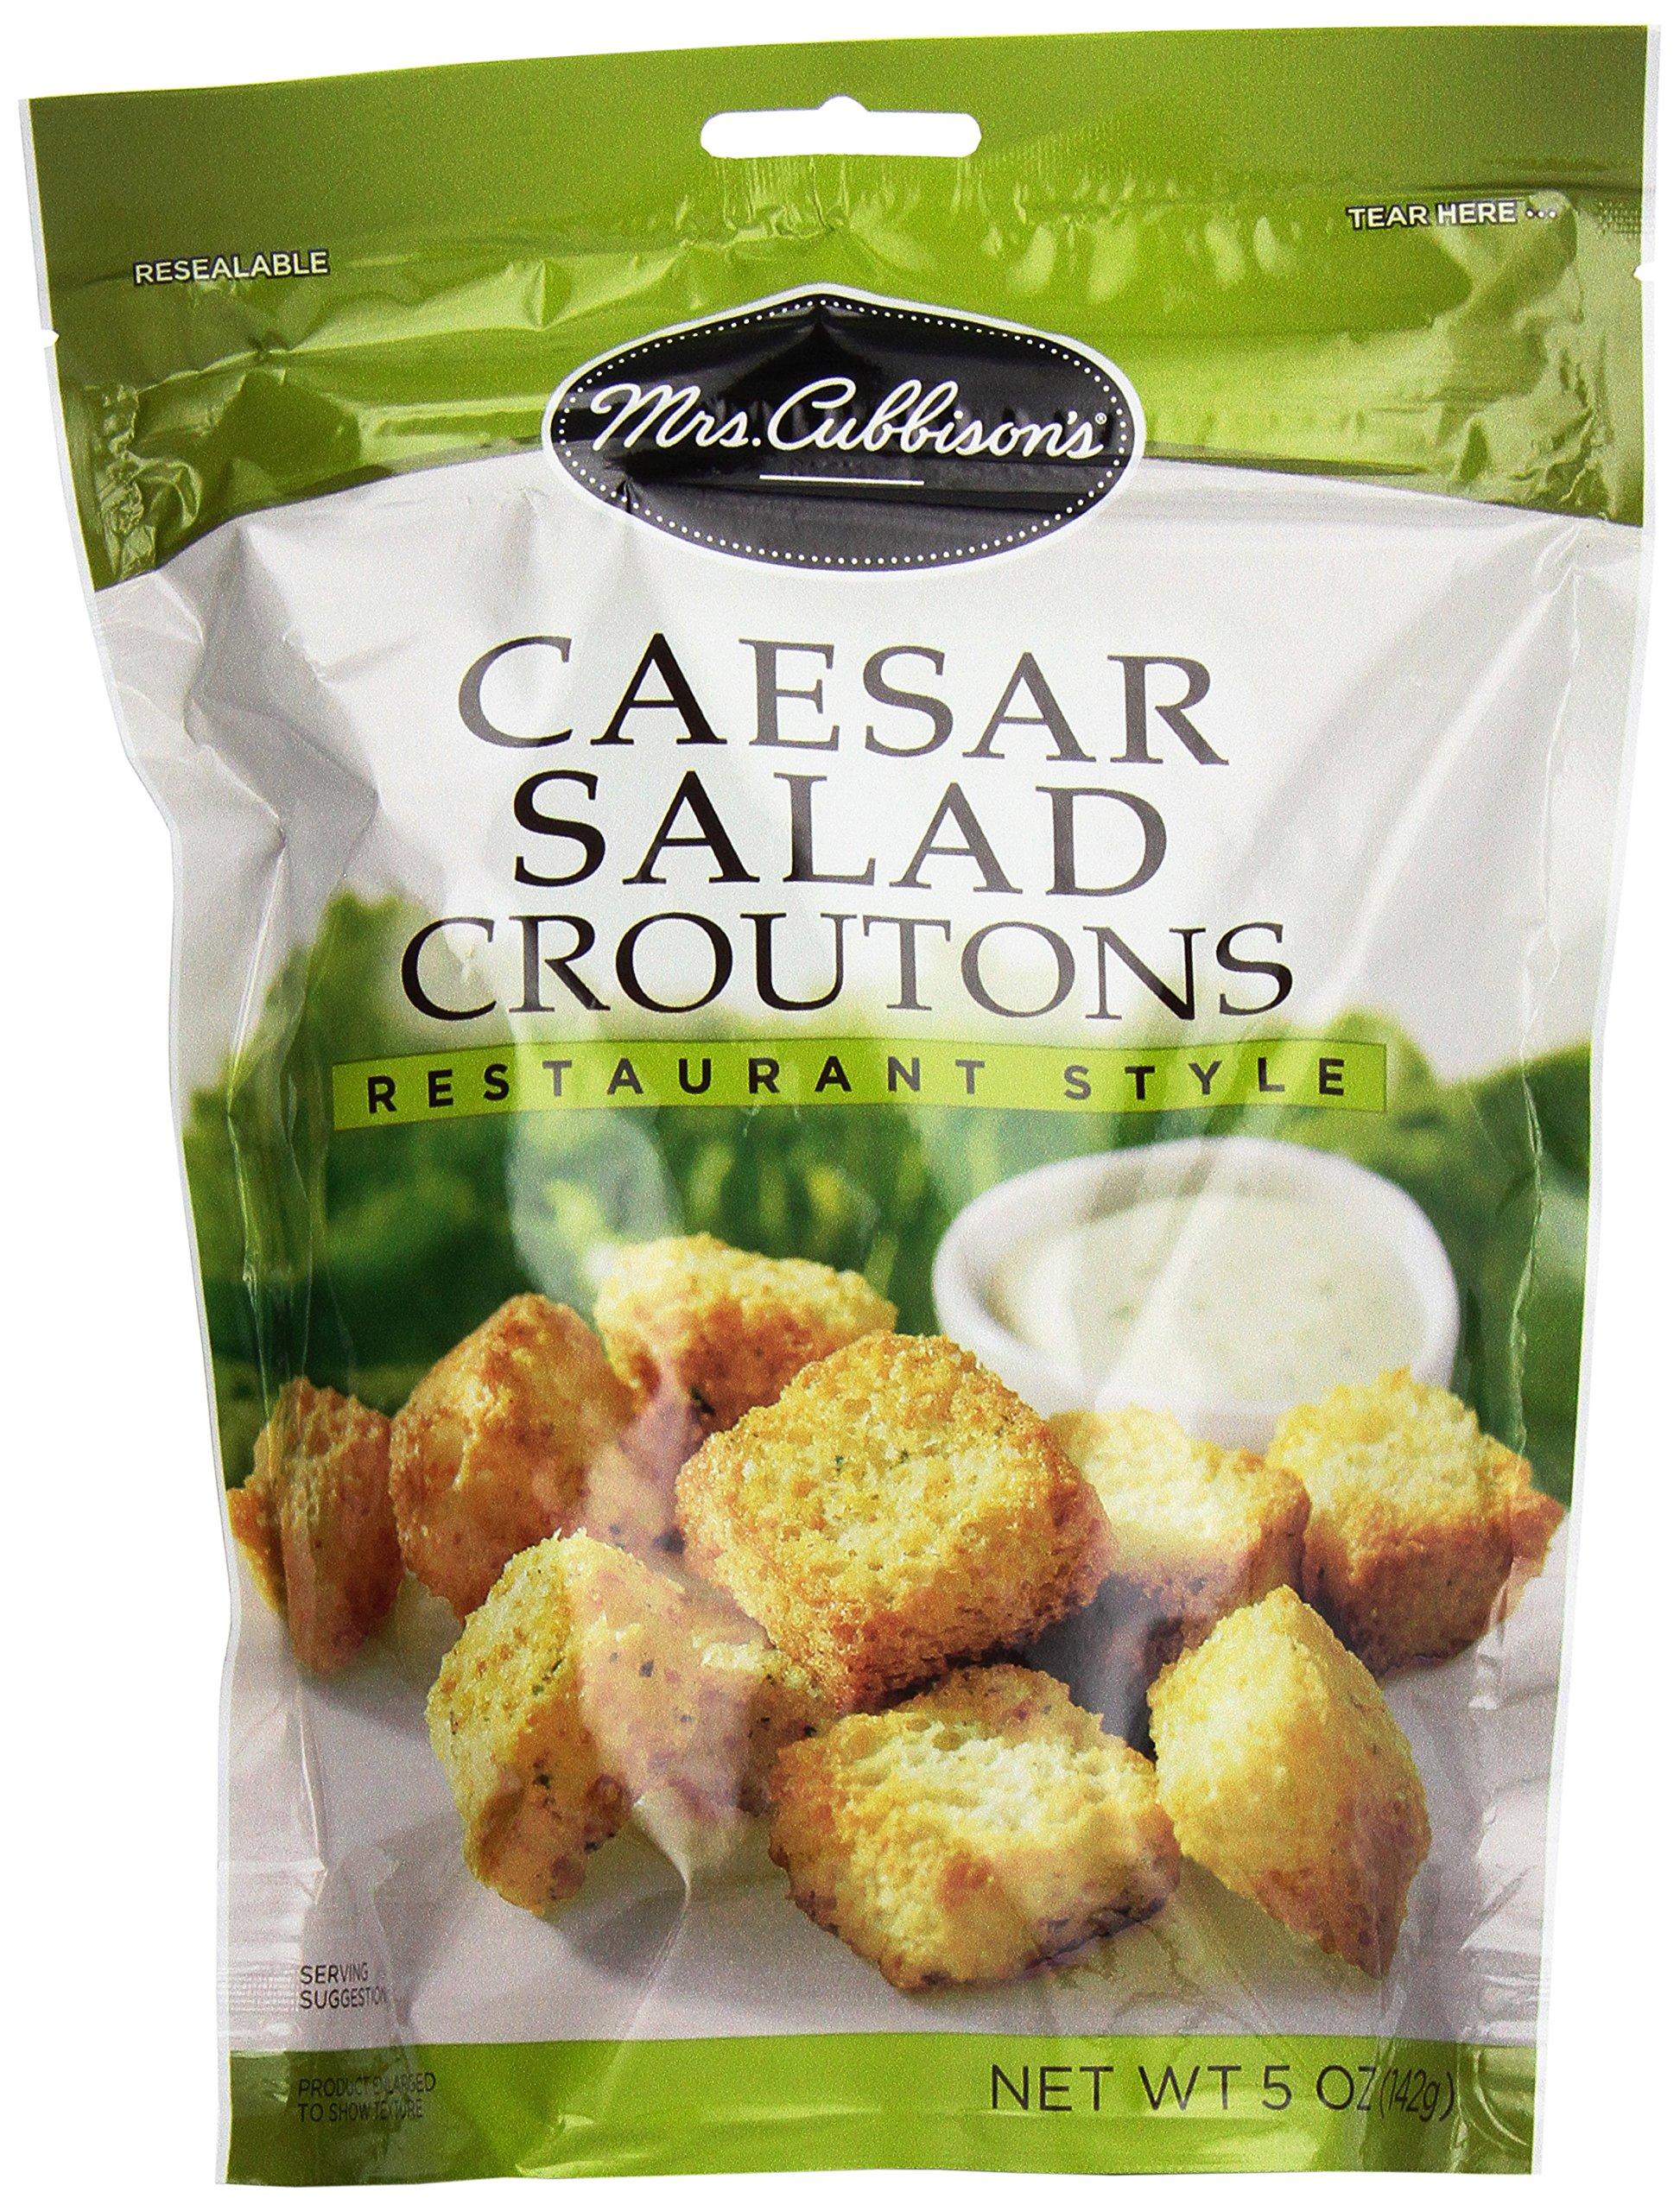 Mrs. Cubbison's Restaurant Style Croutons, Caesar Salad, 5 oz